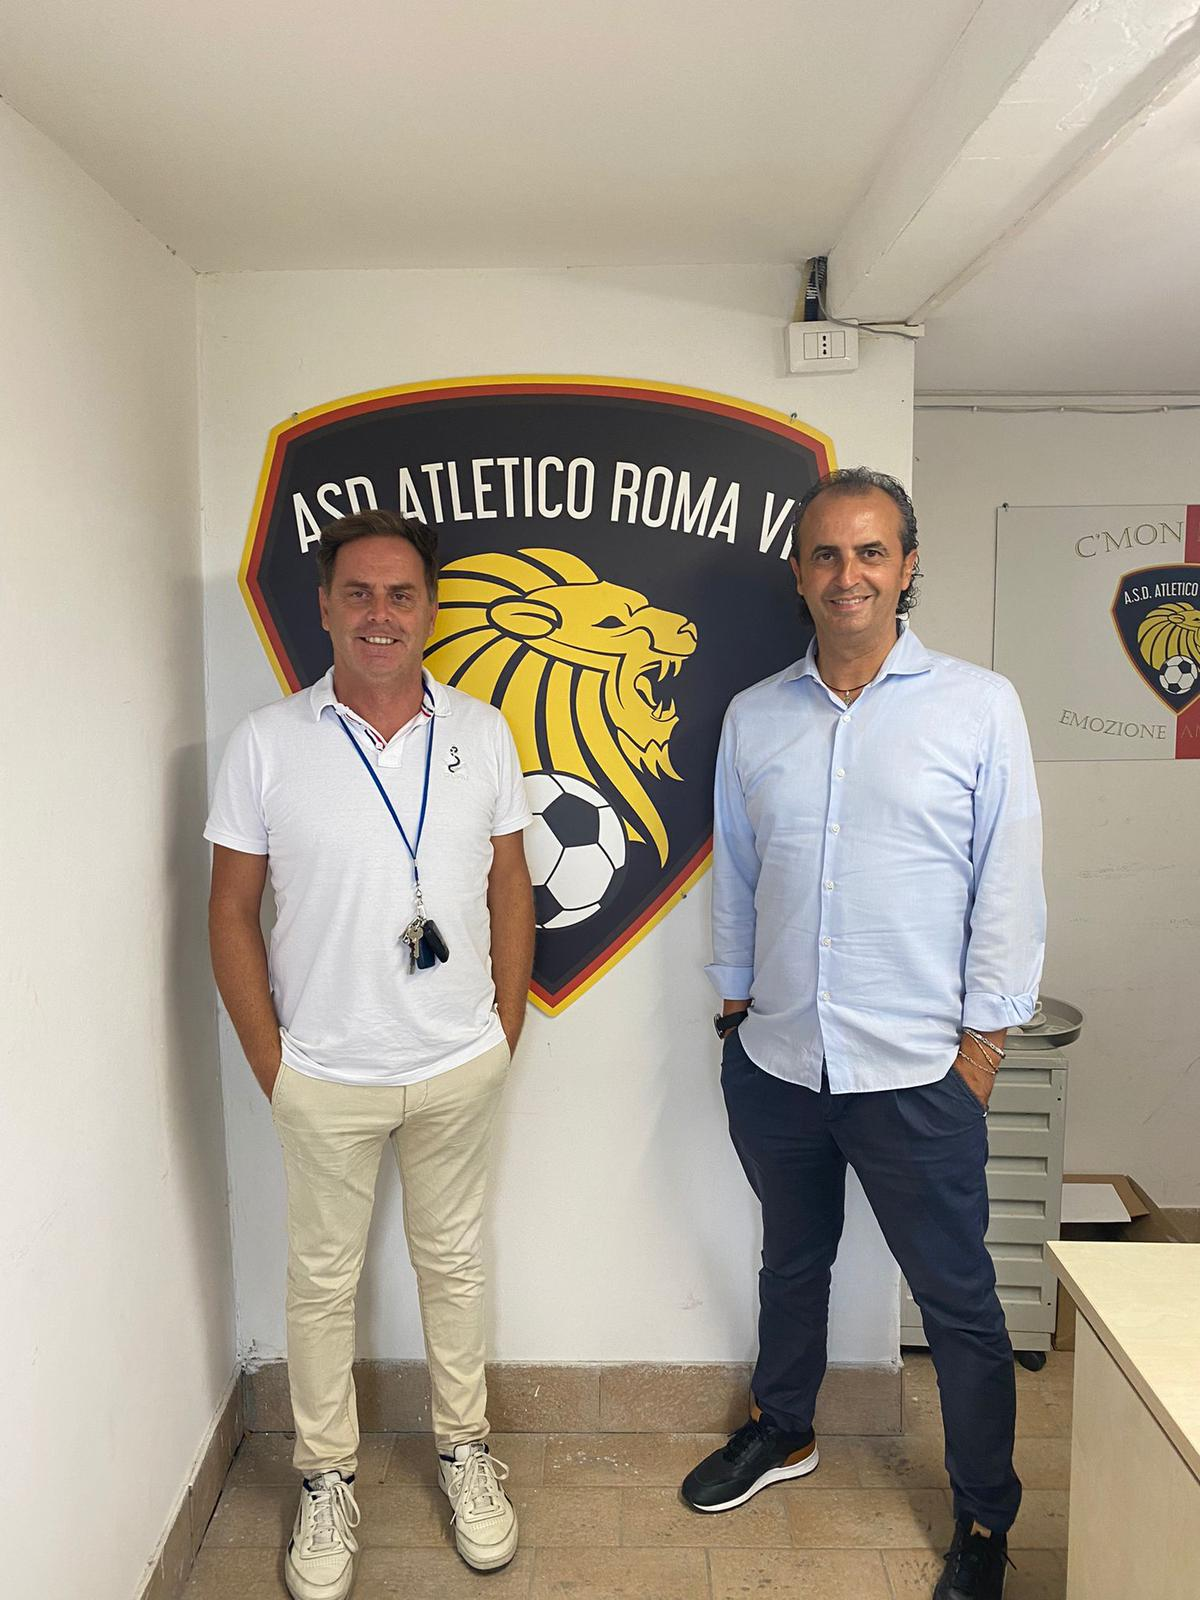 """Roma, Atletico Roma VI, il vice presidente Buccella: """"primi passi? Molto meglio del previsto"""""""